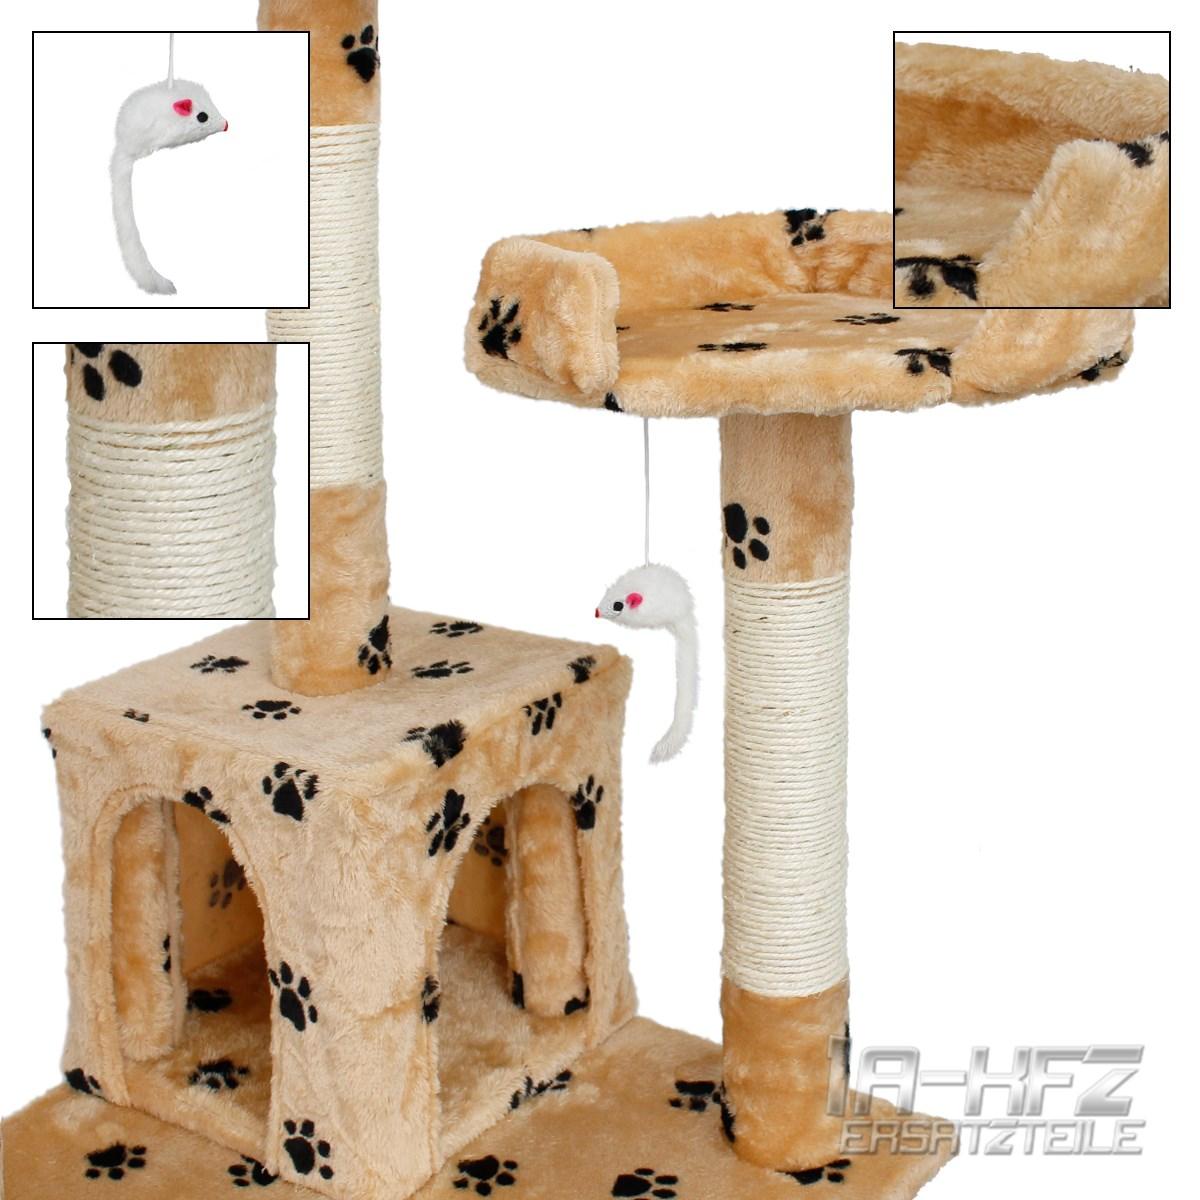 kratzbaum katzenbaum kletterbaum f r katzen katzenkratzbaum spiel sisal pl sch ebay. Black Bedroom Furniture Sets. Home Design Ideas